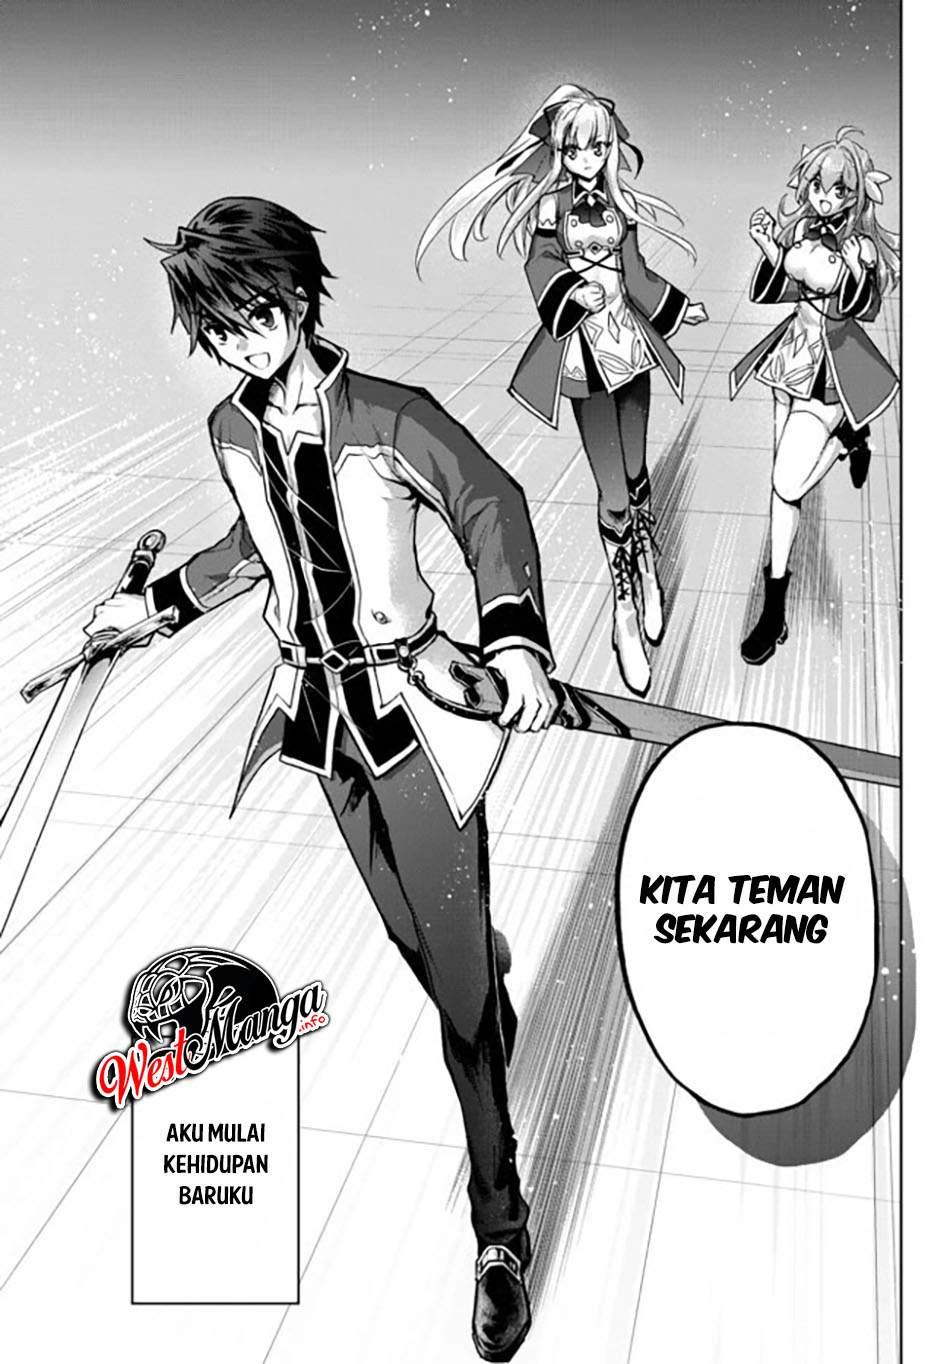 Nishuume Cheat no Tensei Madoushi: Saikyou ga 1000-nengo ni Tensei Shitara, Jinsei Yoyuu Sugimashita: Chapter 04.2 - Page 10